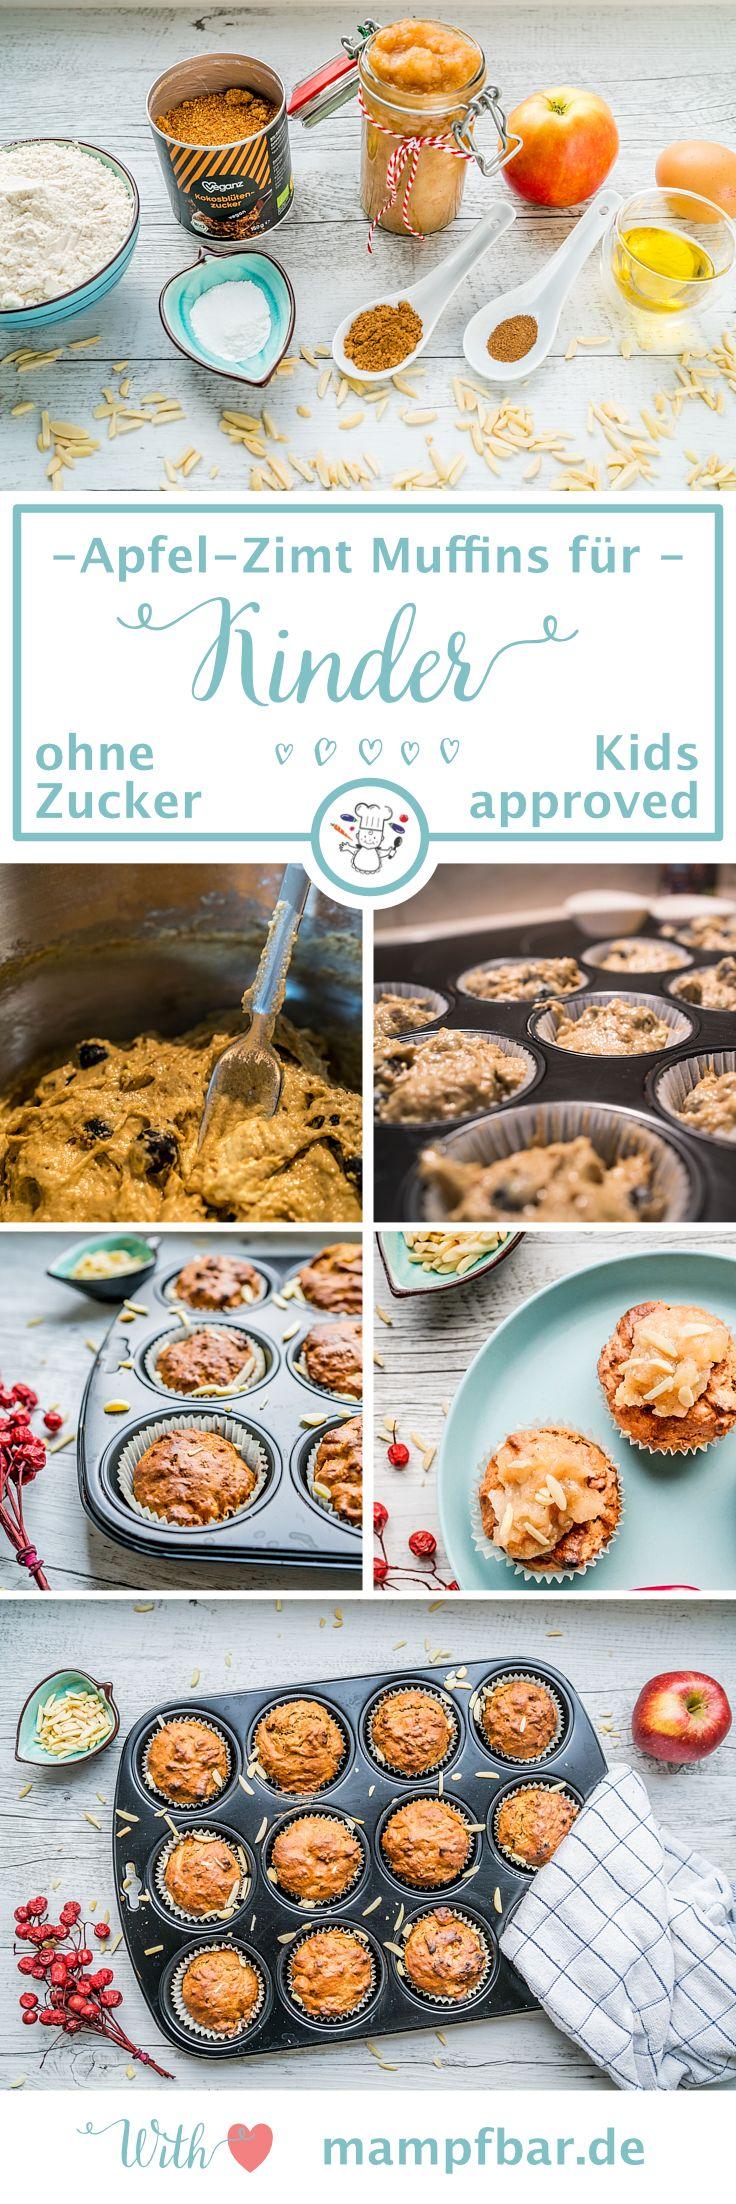 Gesunder Snack für Babys und Kleinkinder: Apfel-Zimt Muffins ohne raffinierten Zucker. Klick hier für das einfache Rezept und viele weitere leckere Ideen für deine ganze Familie.